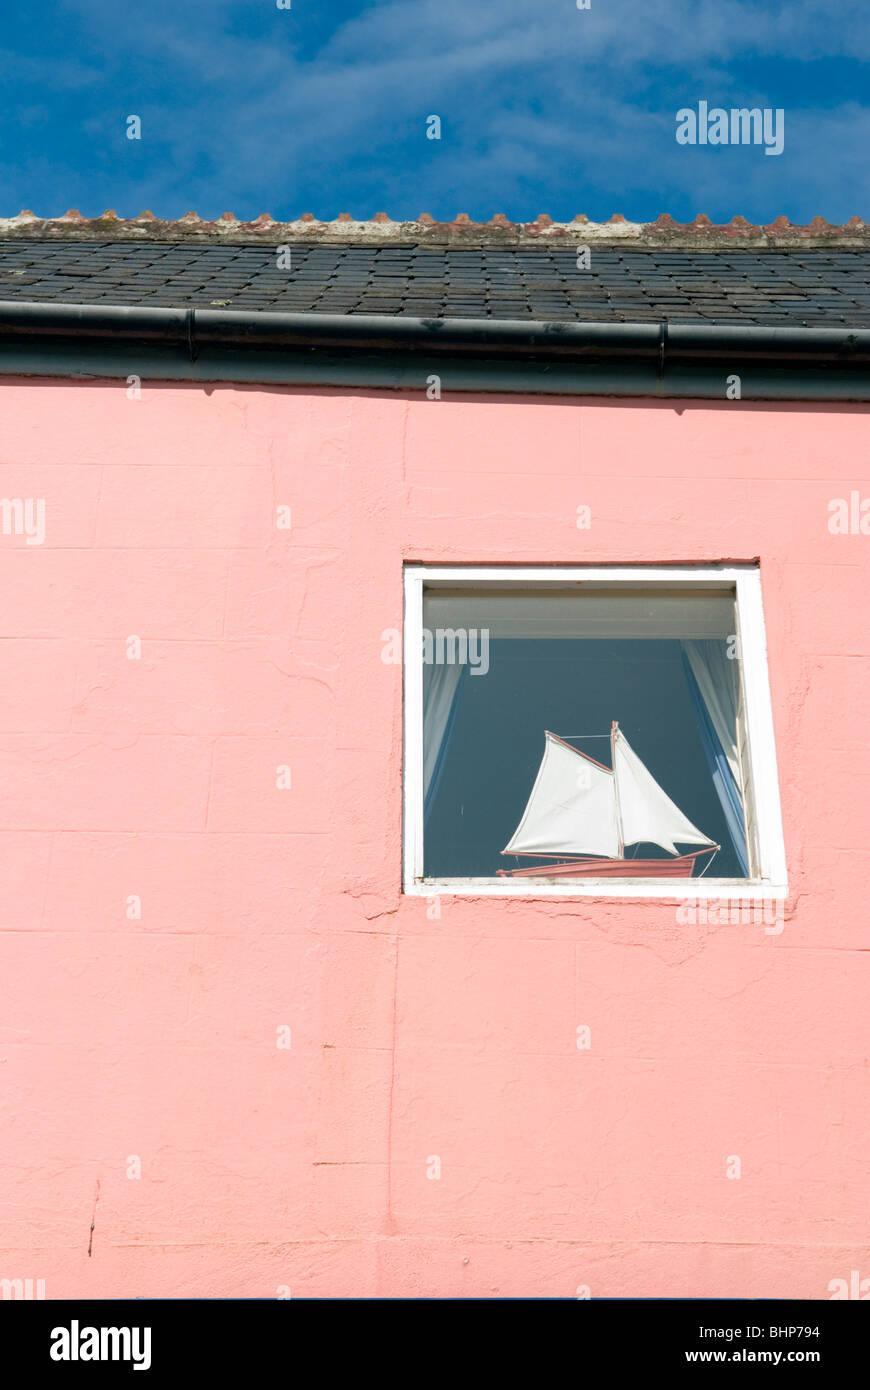 eine Modellyacht mit Segel in eine Fensterbank im Haus mit rosa Fassade Fenster positioniert Stockbild